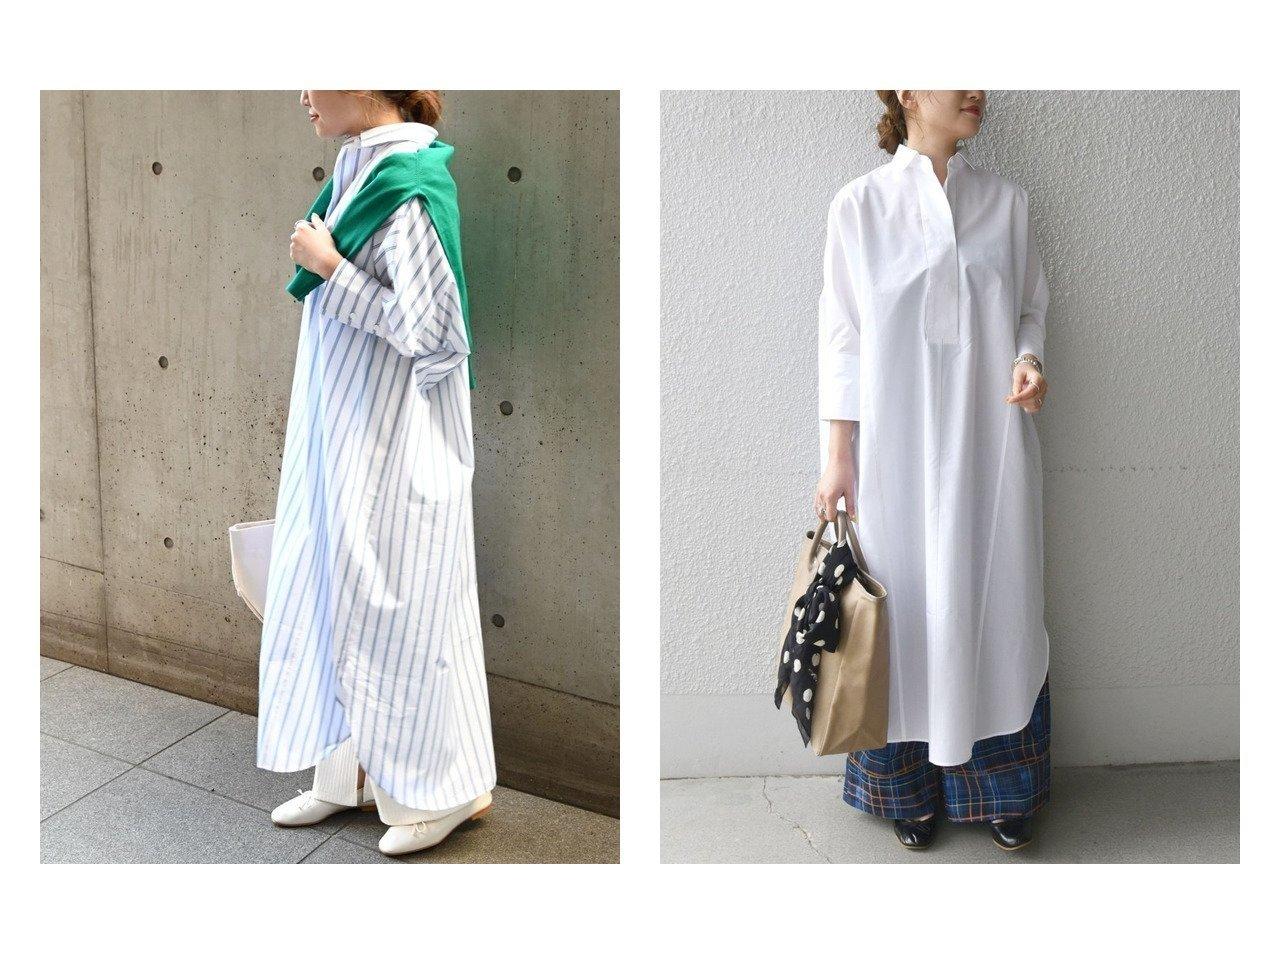 【SHIPS any/シップス エニィ】のSHIPS any オーガニック RENU マキシ ロング シャツ トップス・カットソーのおすすめ!人気、トレンド・レディースファッションの通販 おすすめで人気の流行・トレンド、ファッションの通販商品 メンズファッション・キッズファッション・インテリア・家具・レディースファッション・服の通販 founy(ファニー) https://founy.com/ ファッション Fashion レディースファッション WOMEN トップス Tops Tshirt シャツ/ブラウス Shirts Blouses オーガニック バランス フレア ブロード マキシ ルーズ ロング 再入荷 Restock/Back in Stock/Re Arrival NEW・新作・新着・新入荷 New Arrivals |ID:crp329100000012558